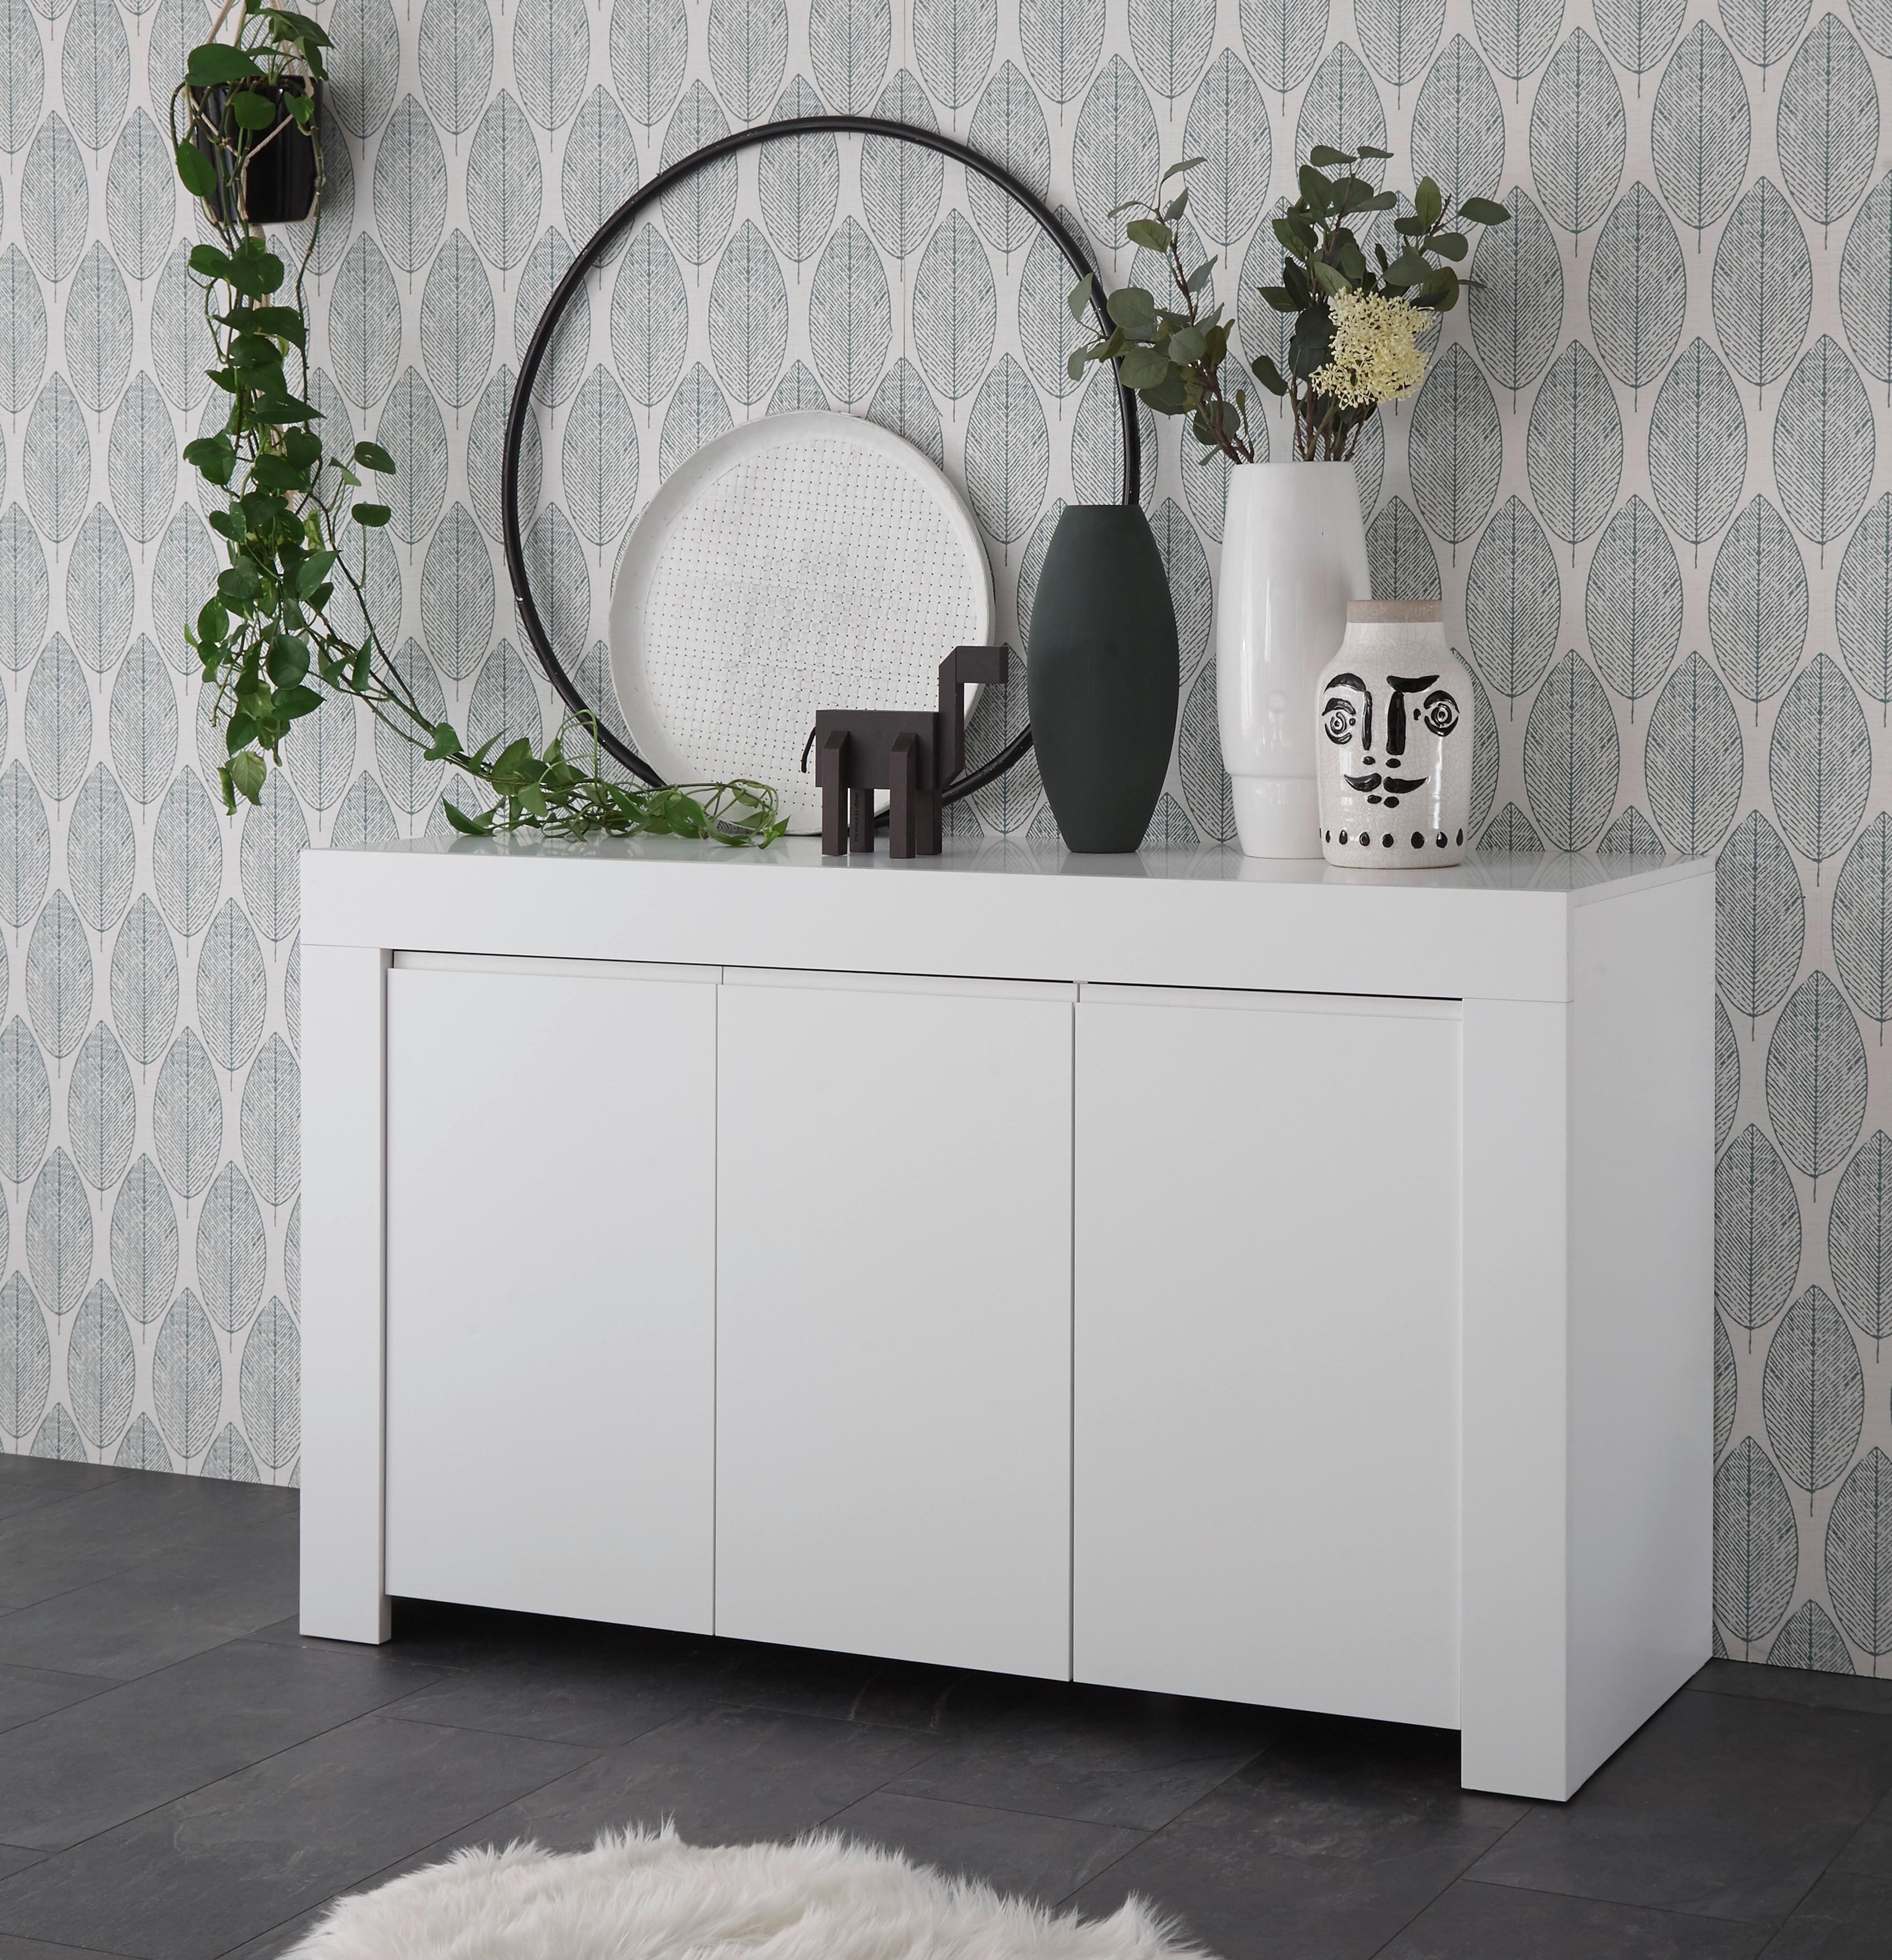 LC dressoir Firenze Breedte 138 cm voordelig en veilig online kopen